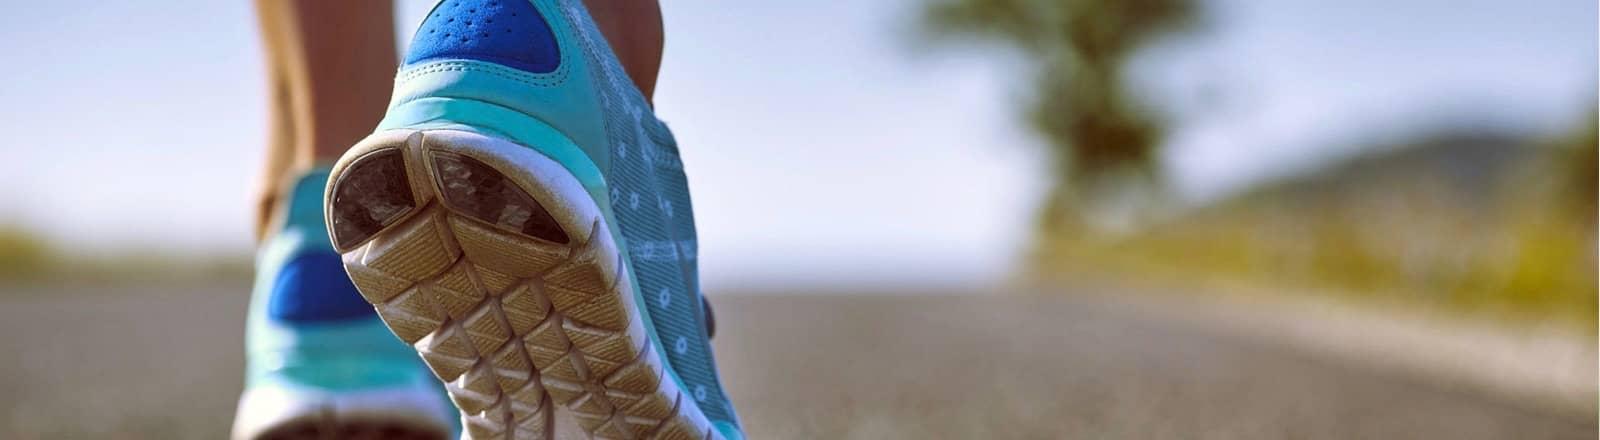 osteopatía y caderas musculares Logroño